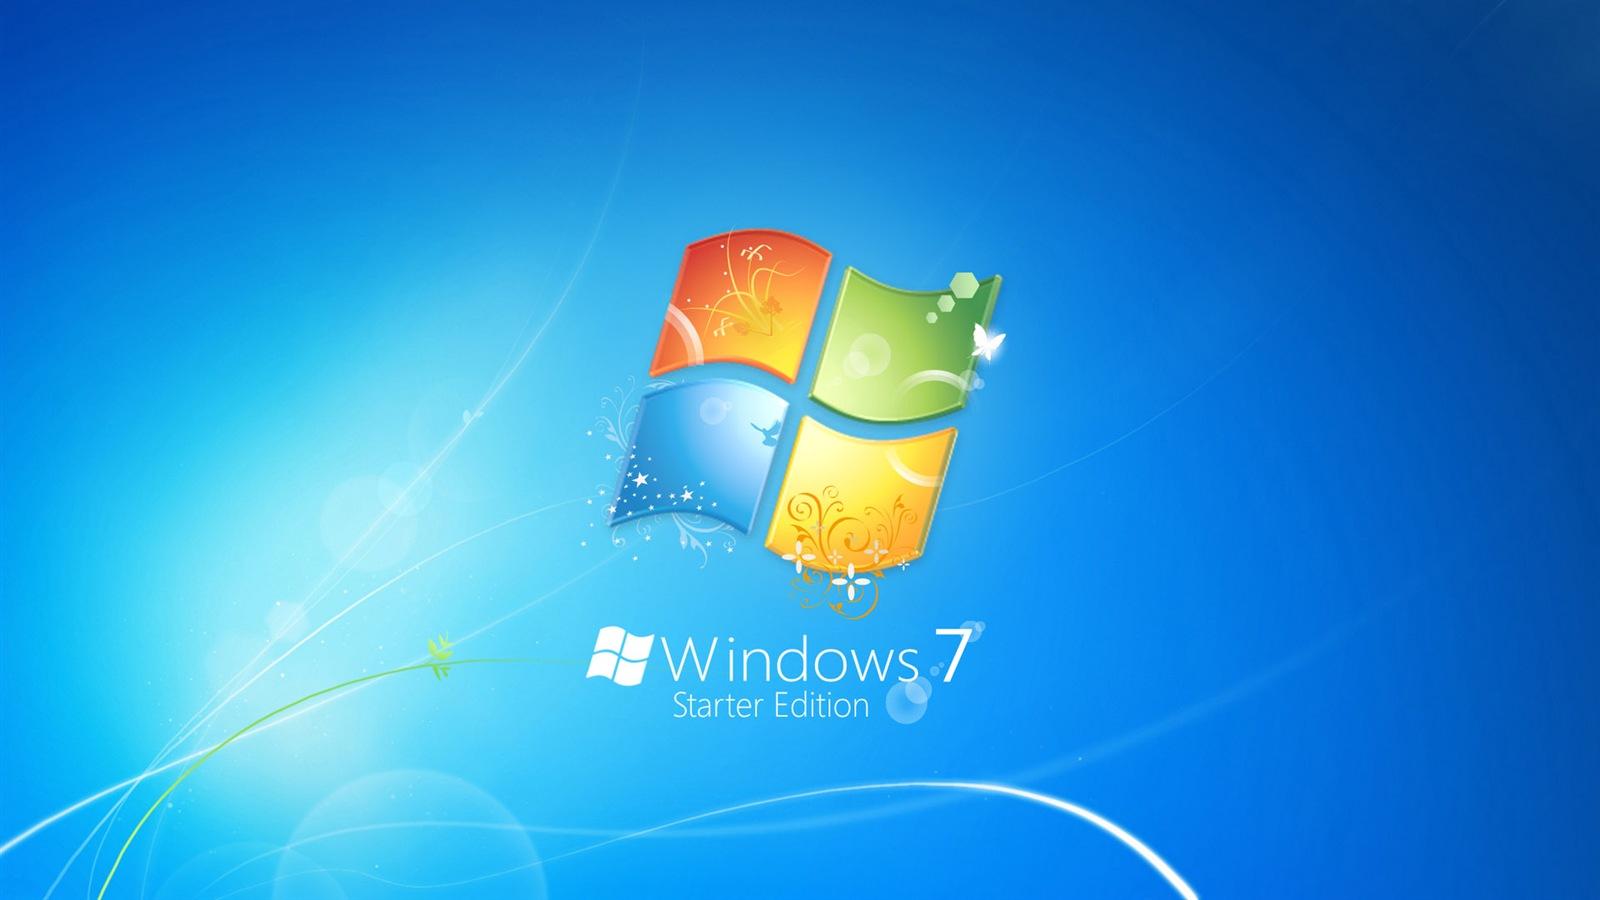 Fondos De Pantalla Windows7 Tema Logotipo De Fondo Azul